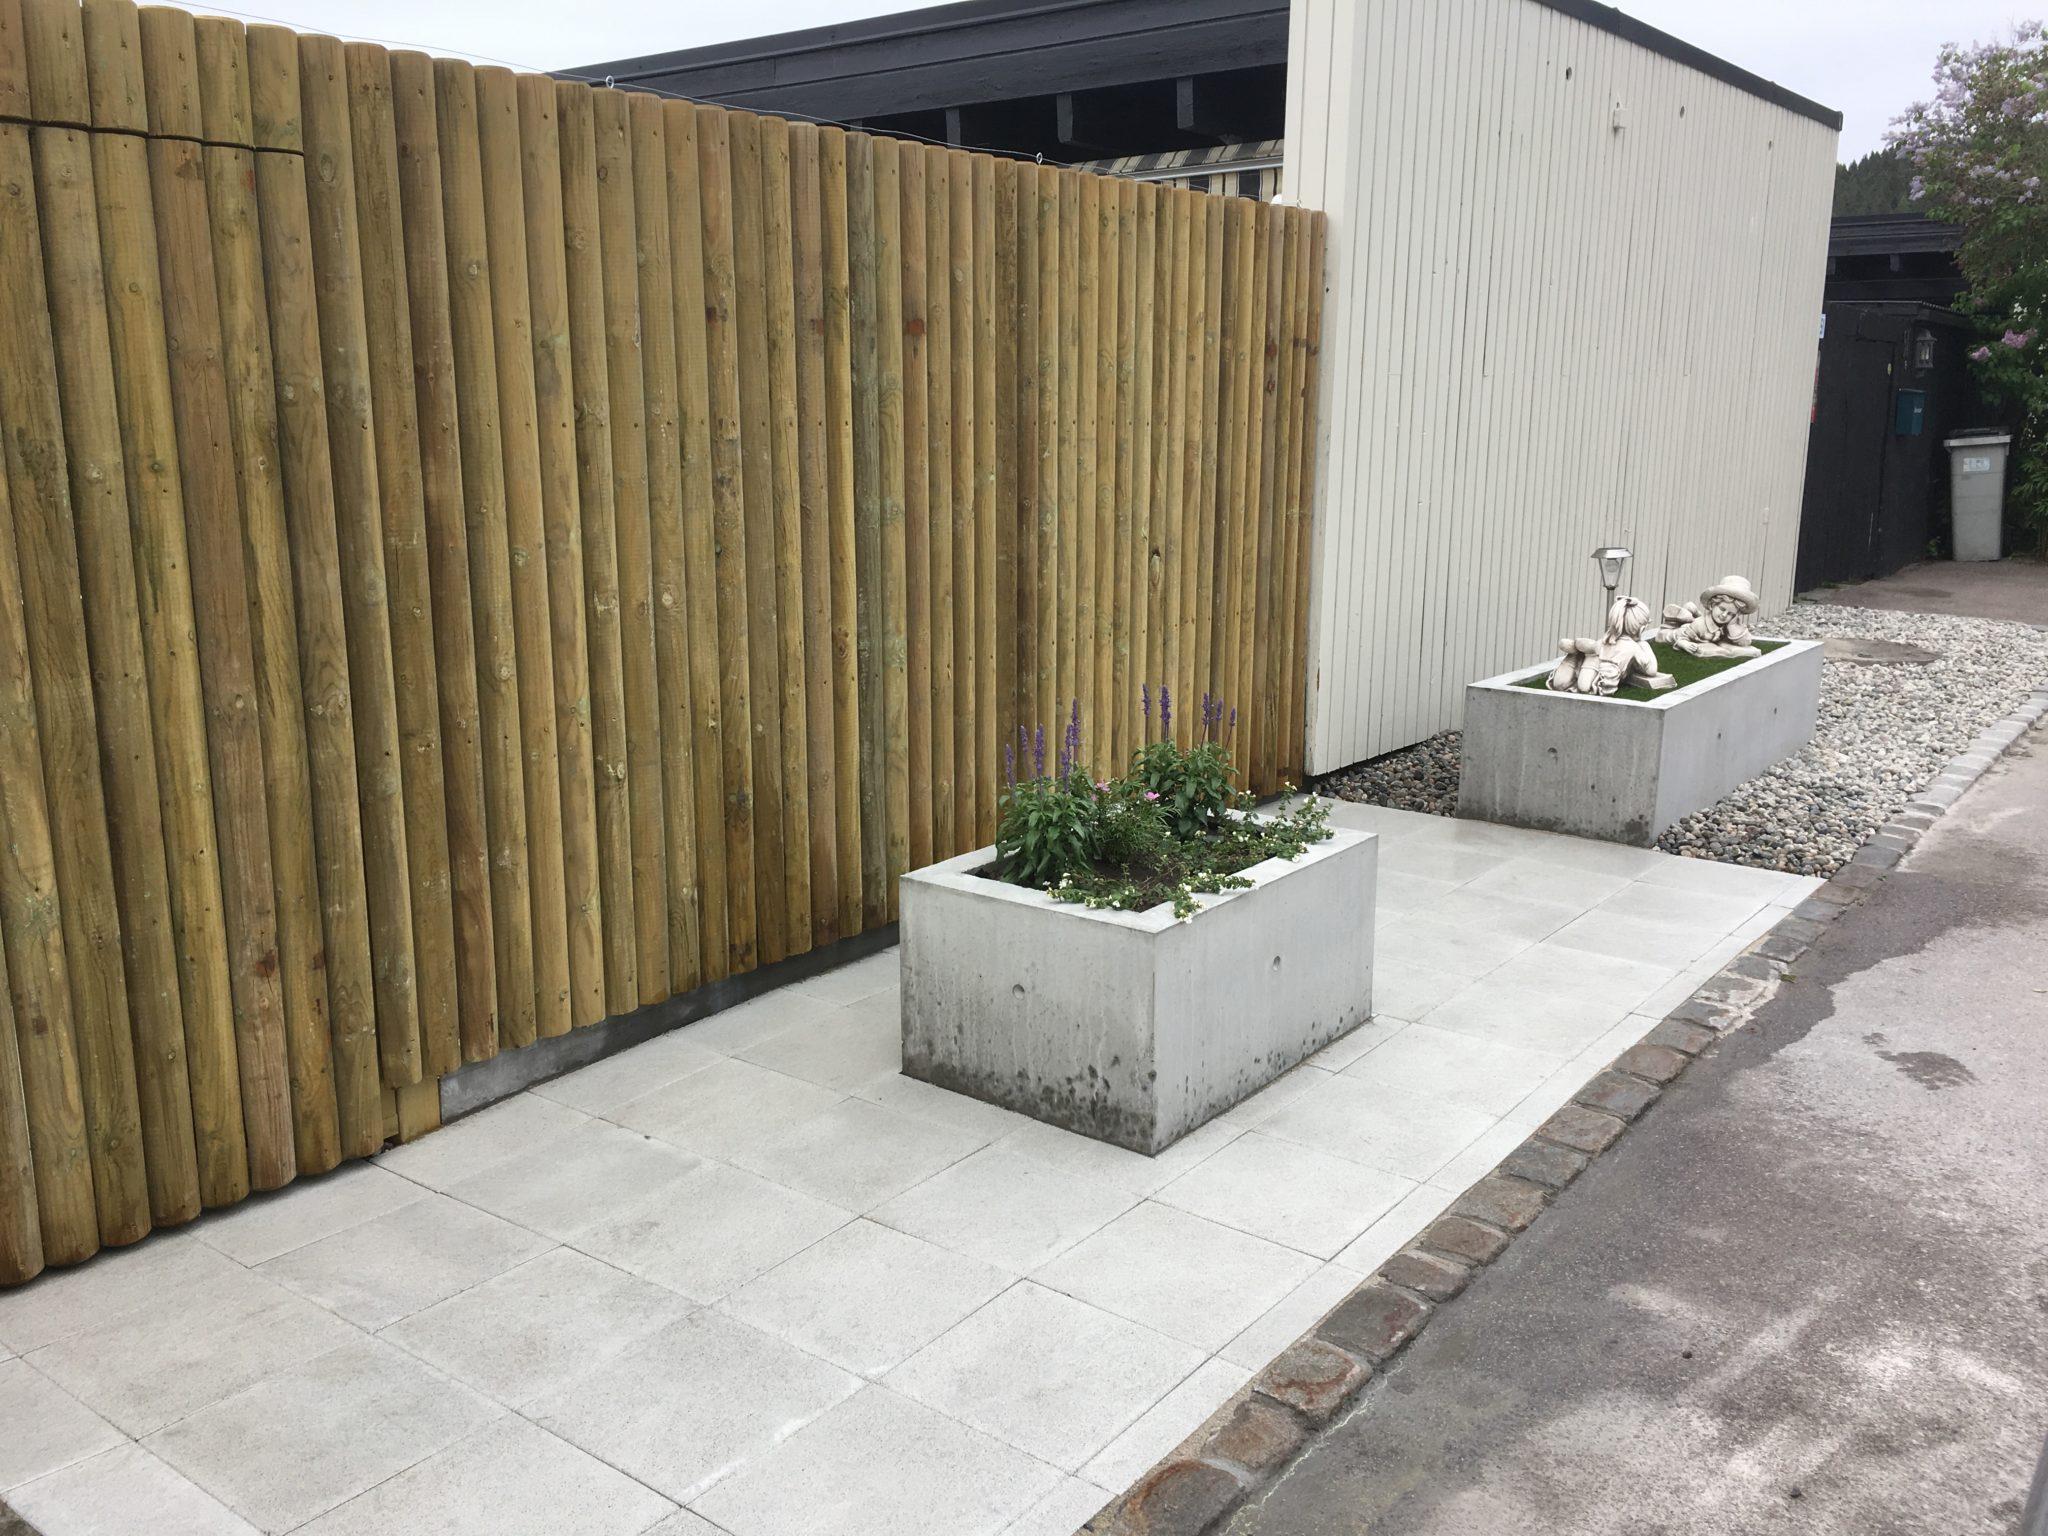 10.Bilde viser porten og betongbokser fra veien